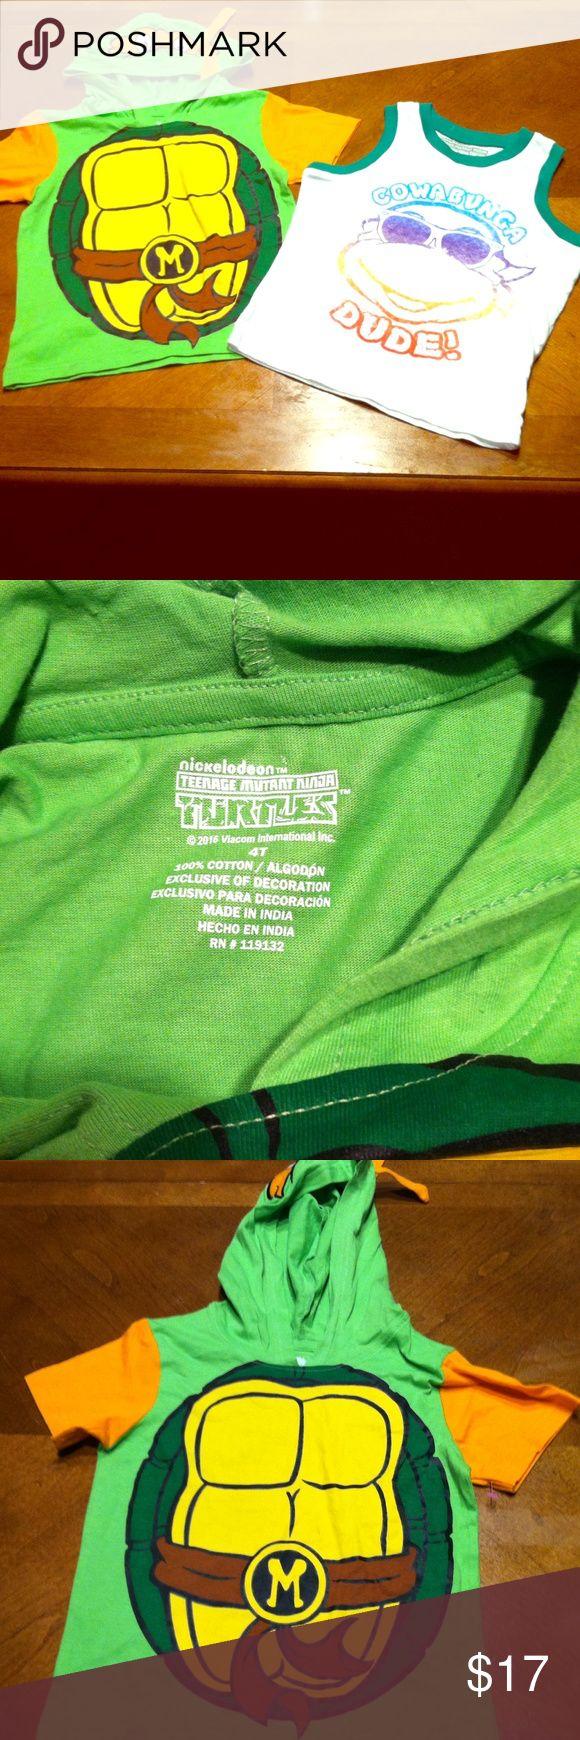 **SALE** 2 Teenage  Ninga Turtles Tee Shirts  NWT 2 Teenage Mutant Ninga Turtles Tee Shirts  NWT. Original Nickelodeon tee shirts. Size 4 Nickelodeon Shirts & Tops Tees - Short Sleeve